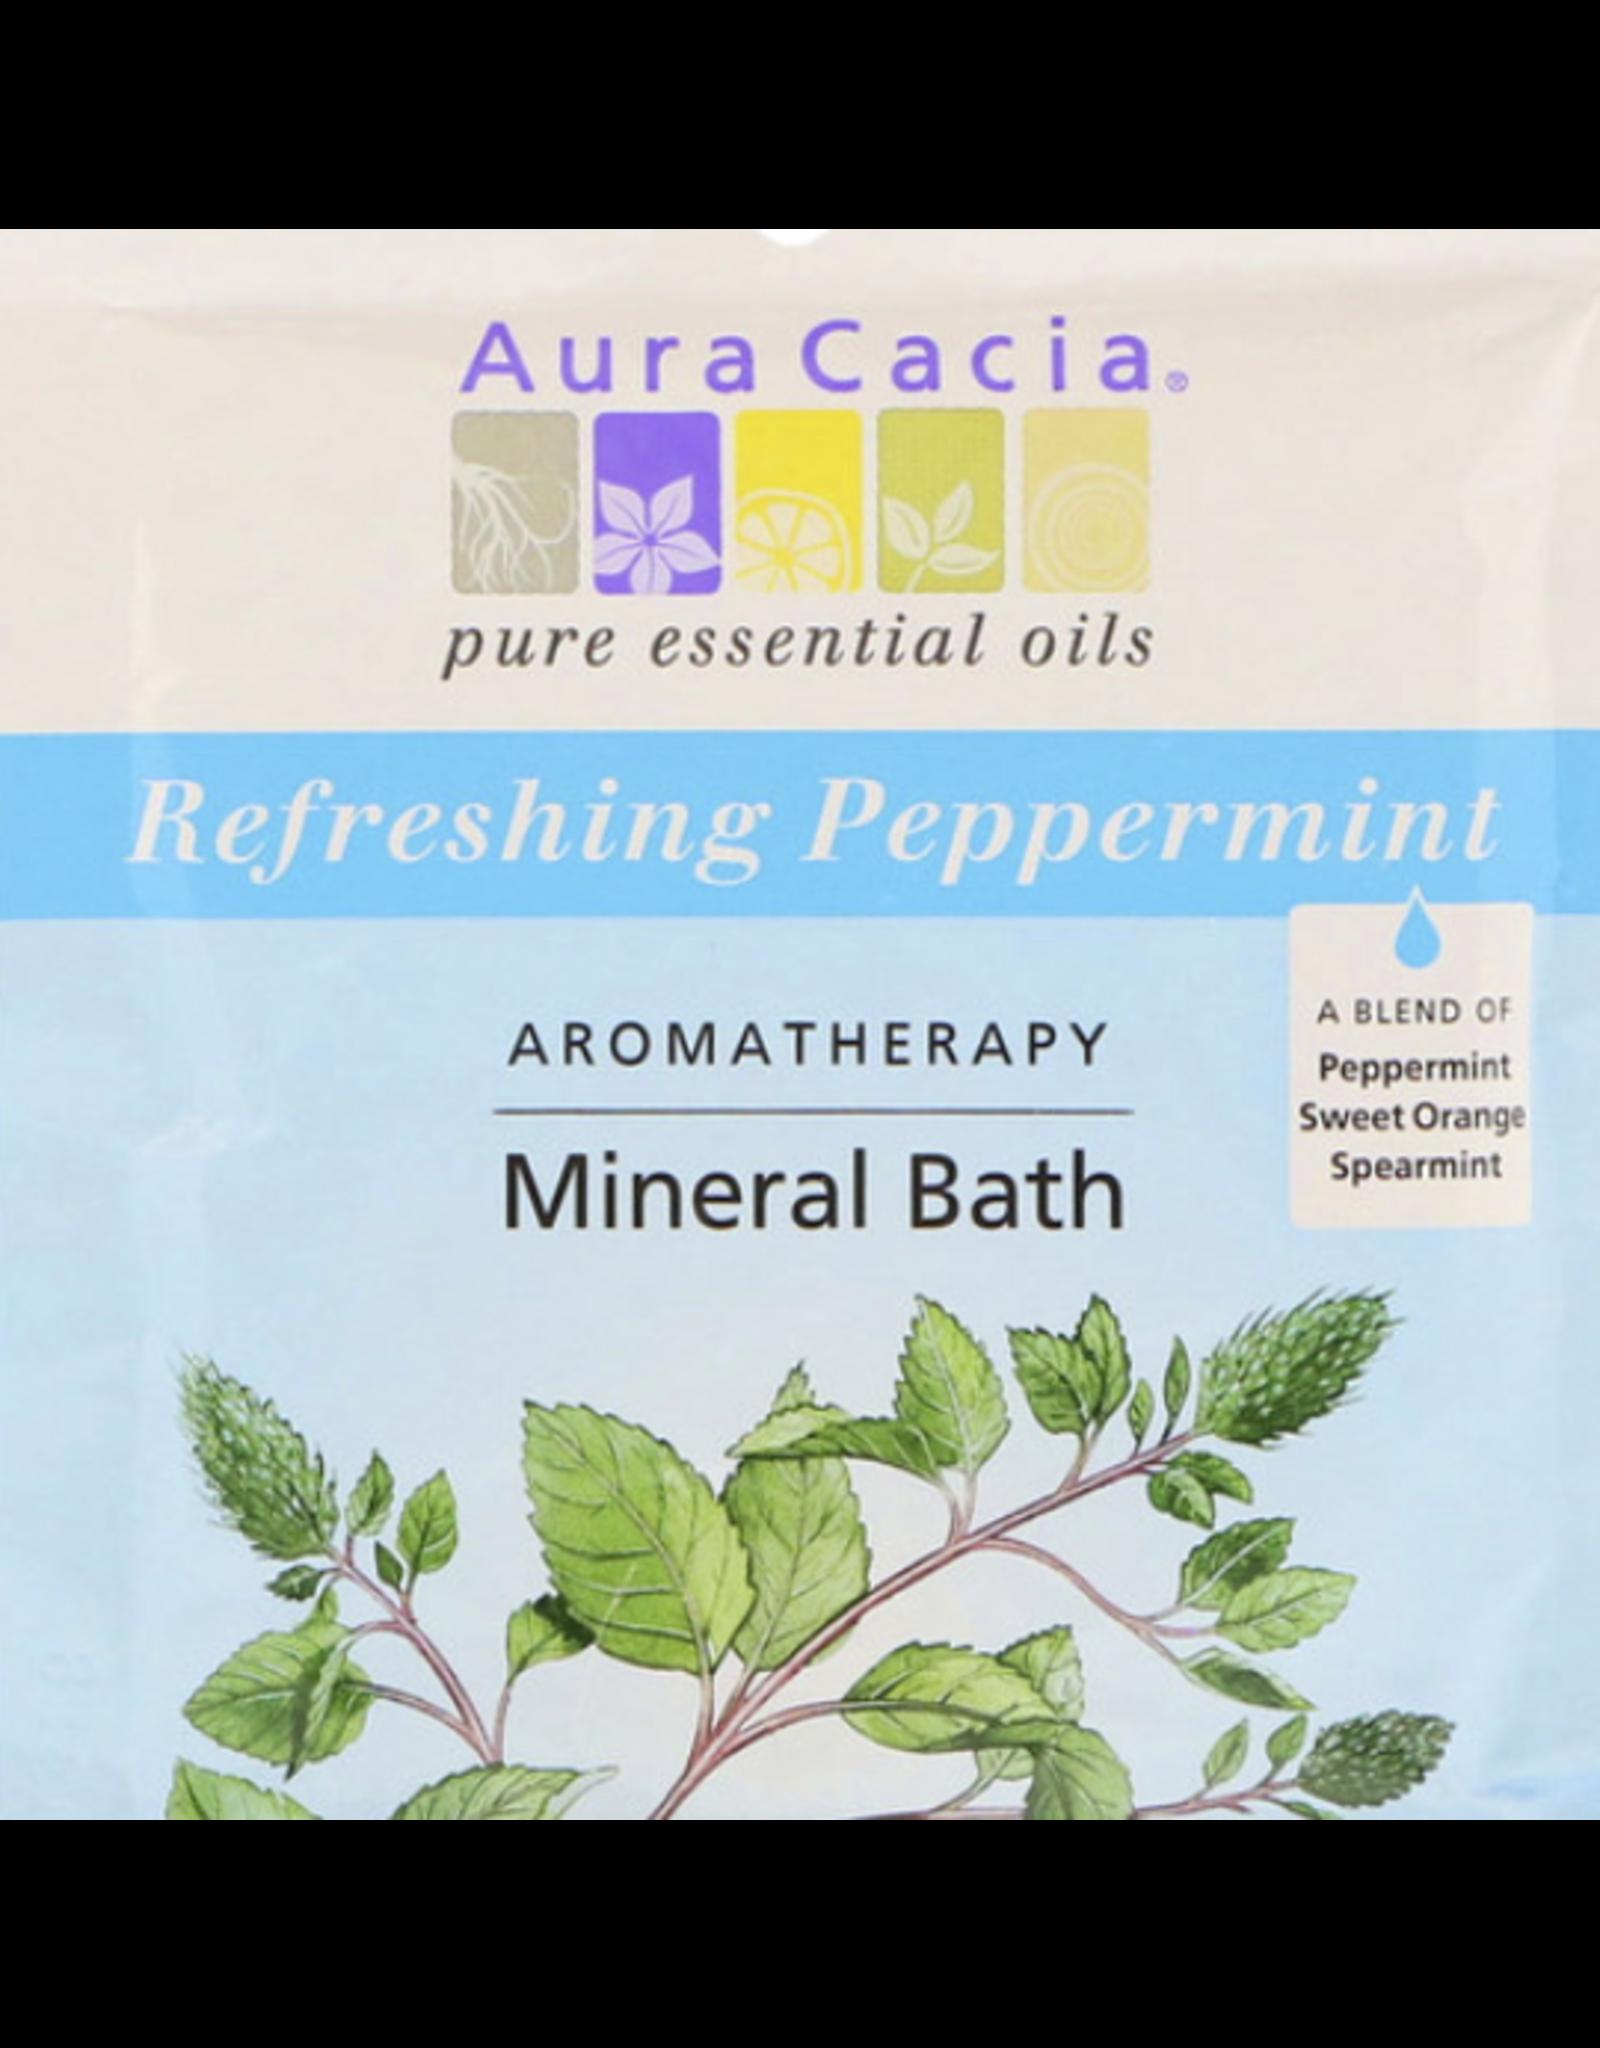 Aura Cacia Peppermint Mineral Bath